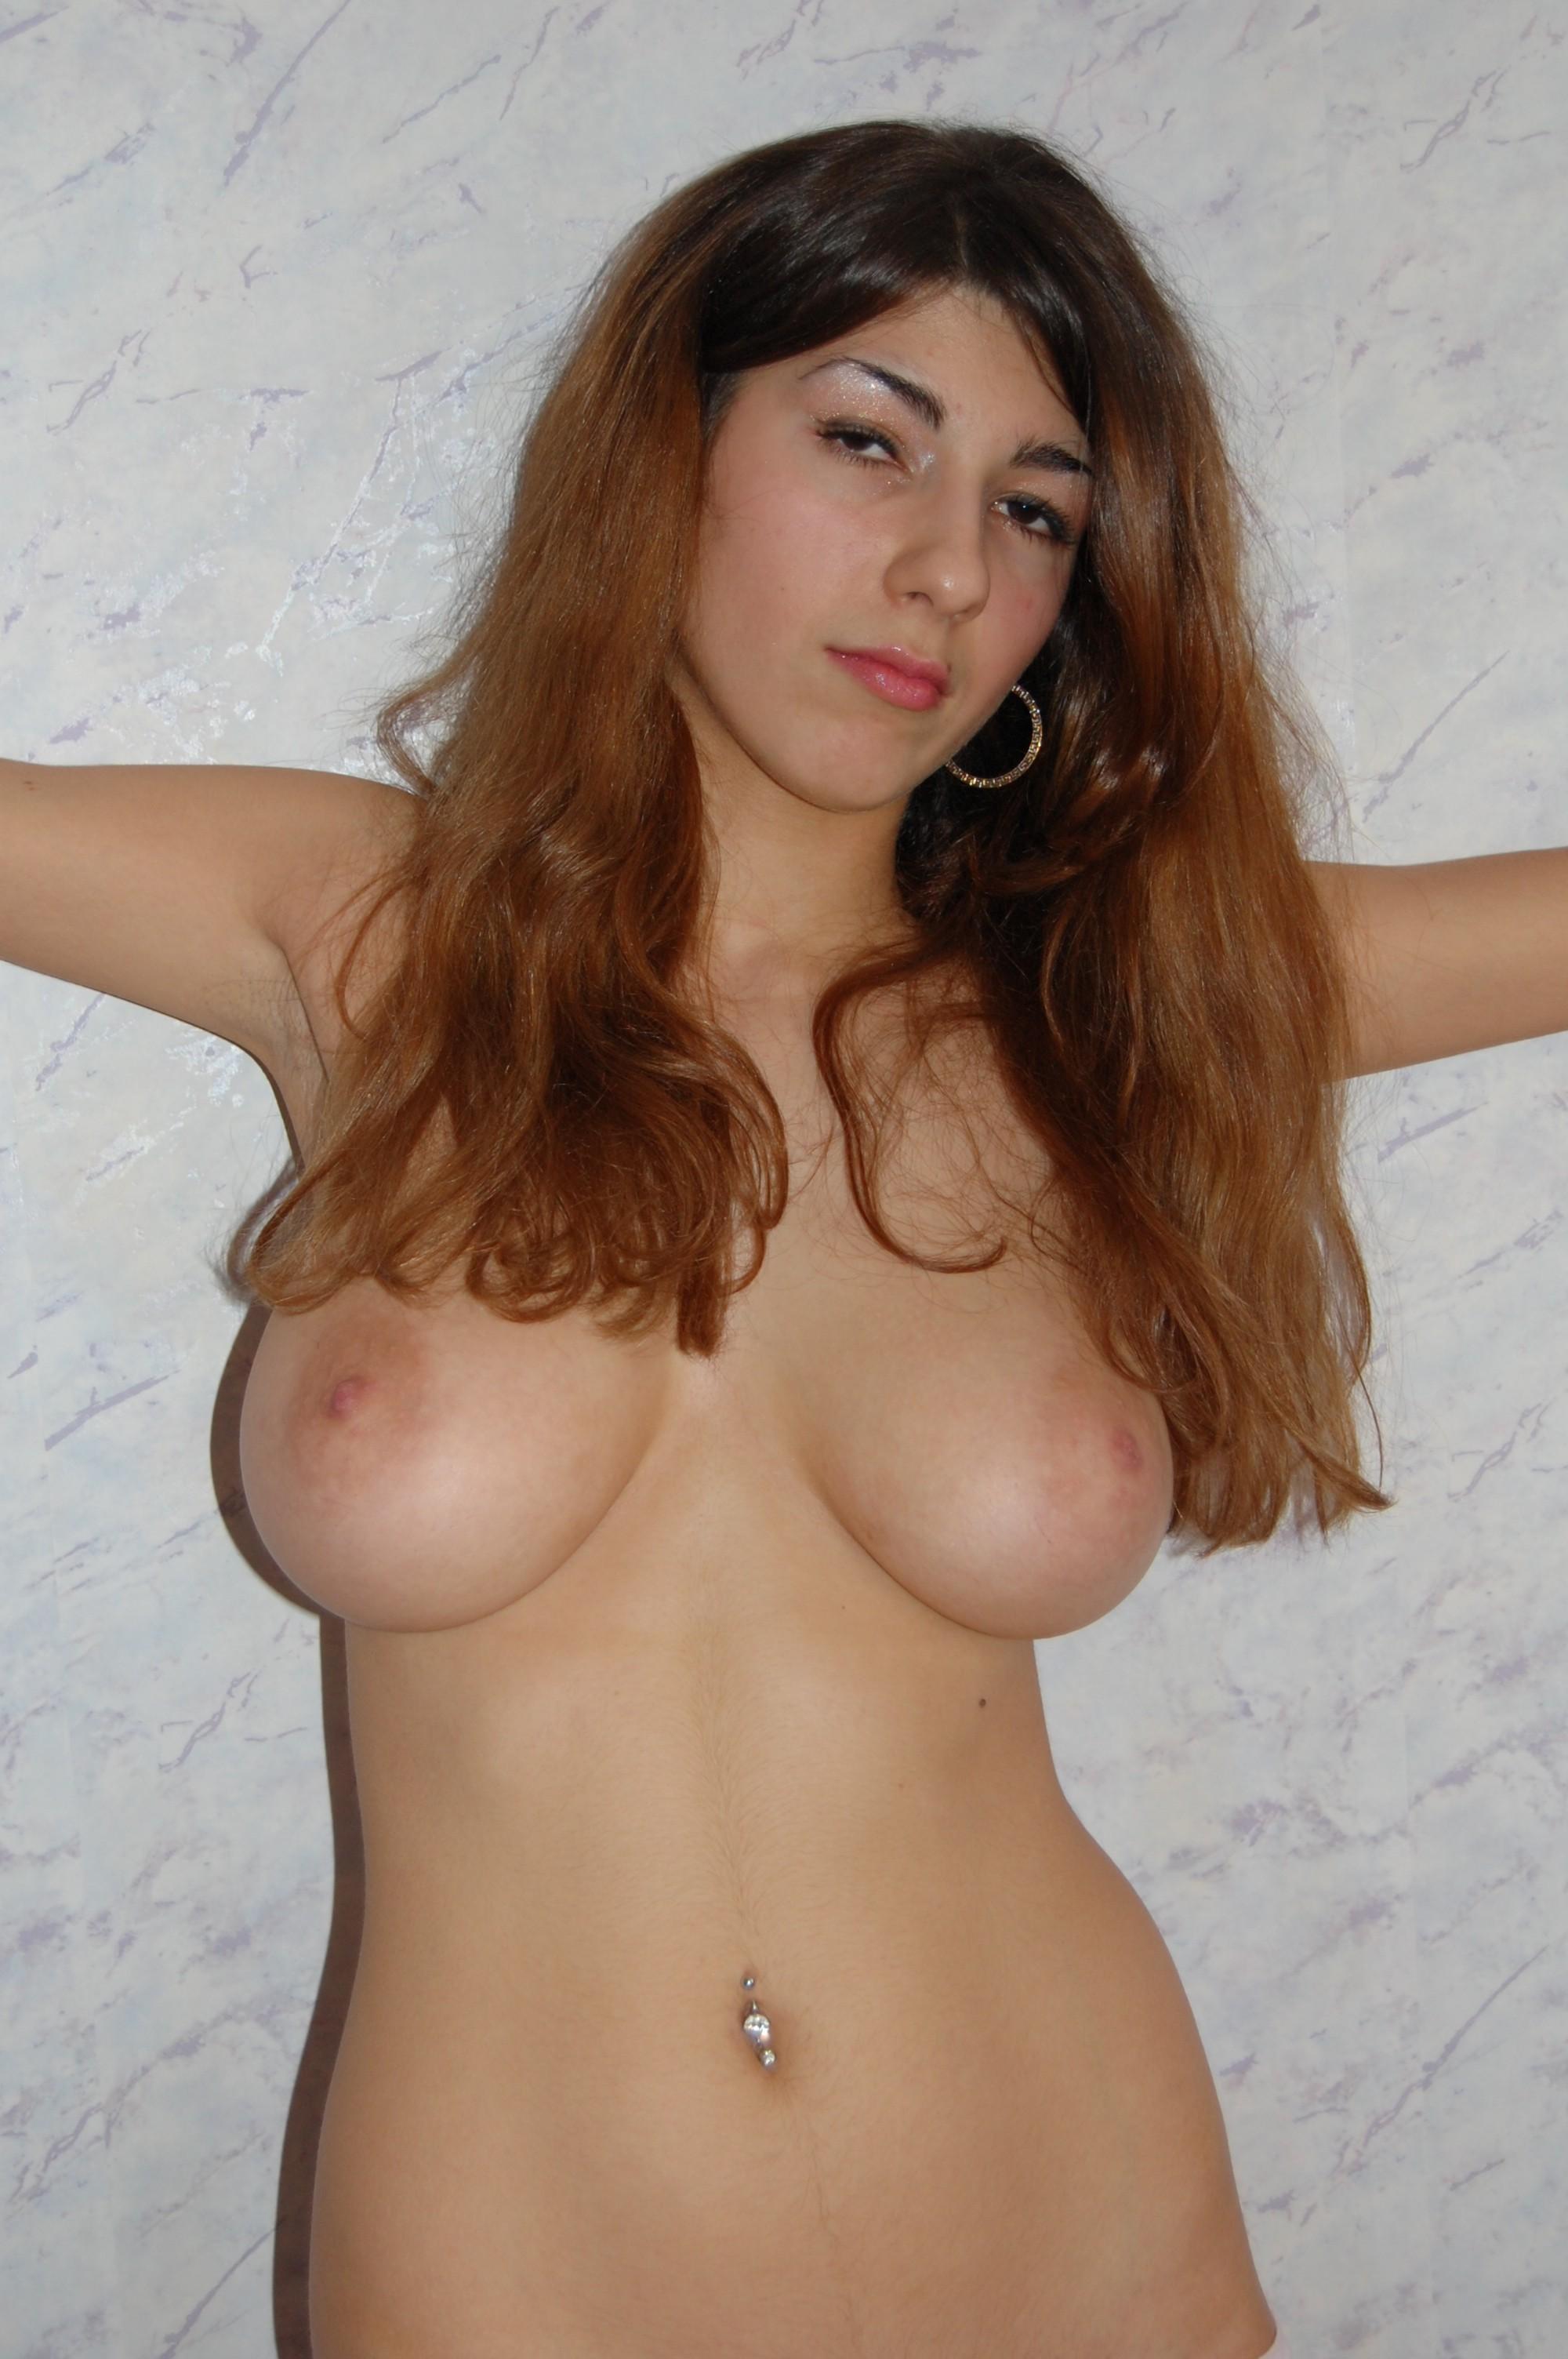 Голая Обнаженной Красивая Армянской Женщины